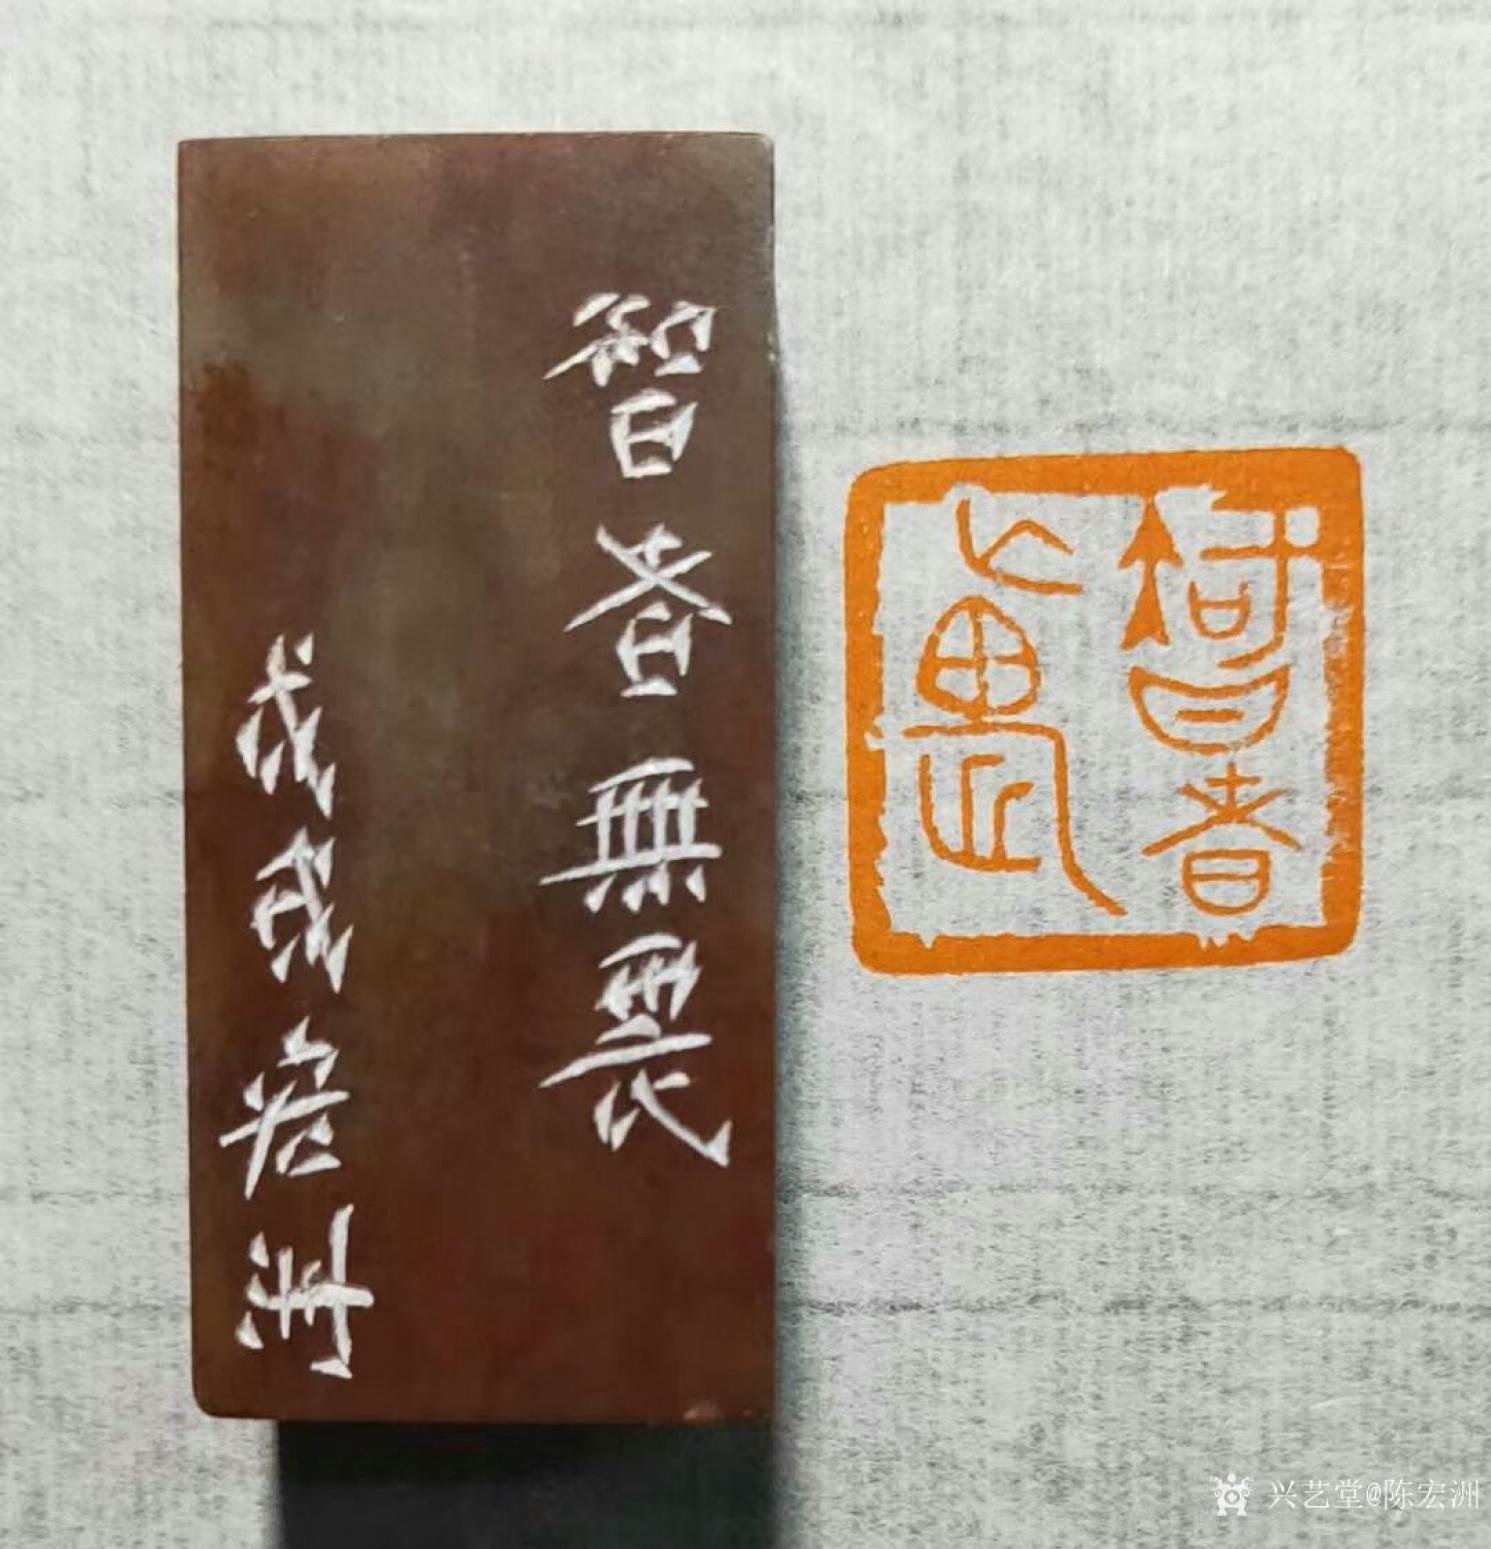 陈宏洲雕刻作品《智者无畏》